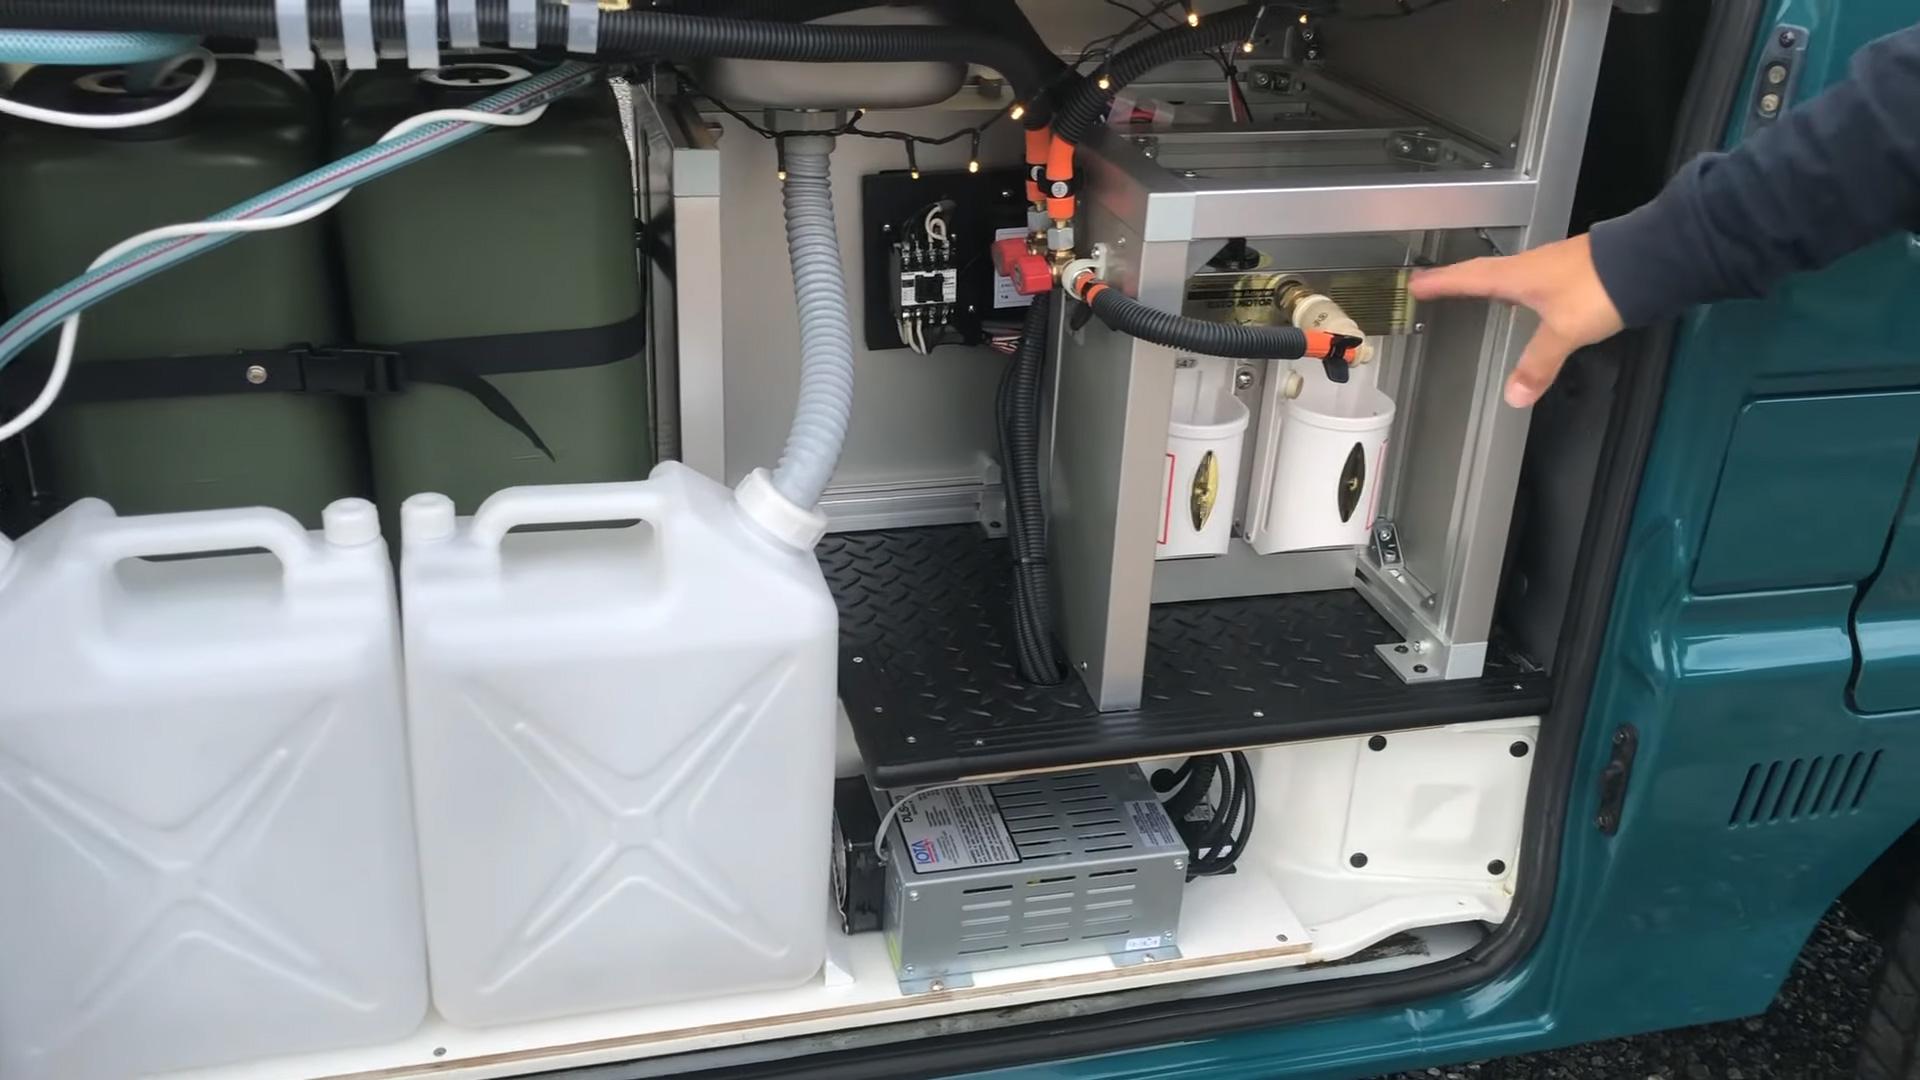 サーフィン向け-ボンゴブローニイバンのキャンピングカー BrawnyRIW-S 車内/キッチン周りのシステム